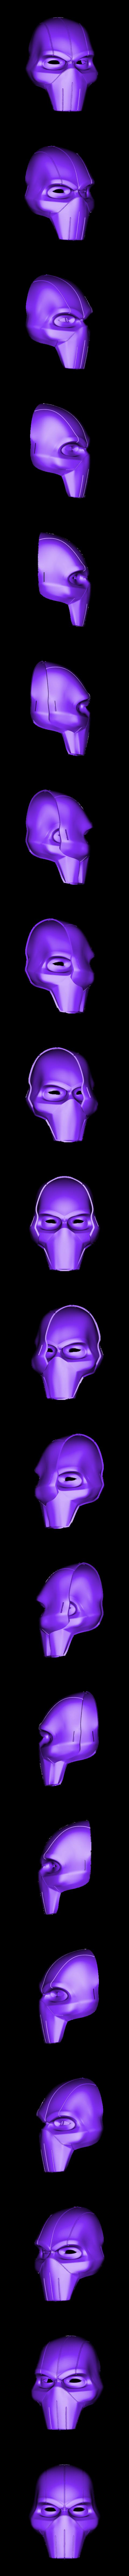 Taskmaster_Mask_Udon_w_Strap_Holes.stl Télécharger fichier STL gratuit Masque Udon Taskmaster • Modèle pour imprimante 3D, VillainousPropShop